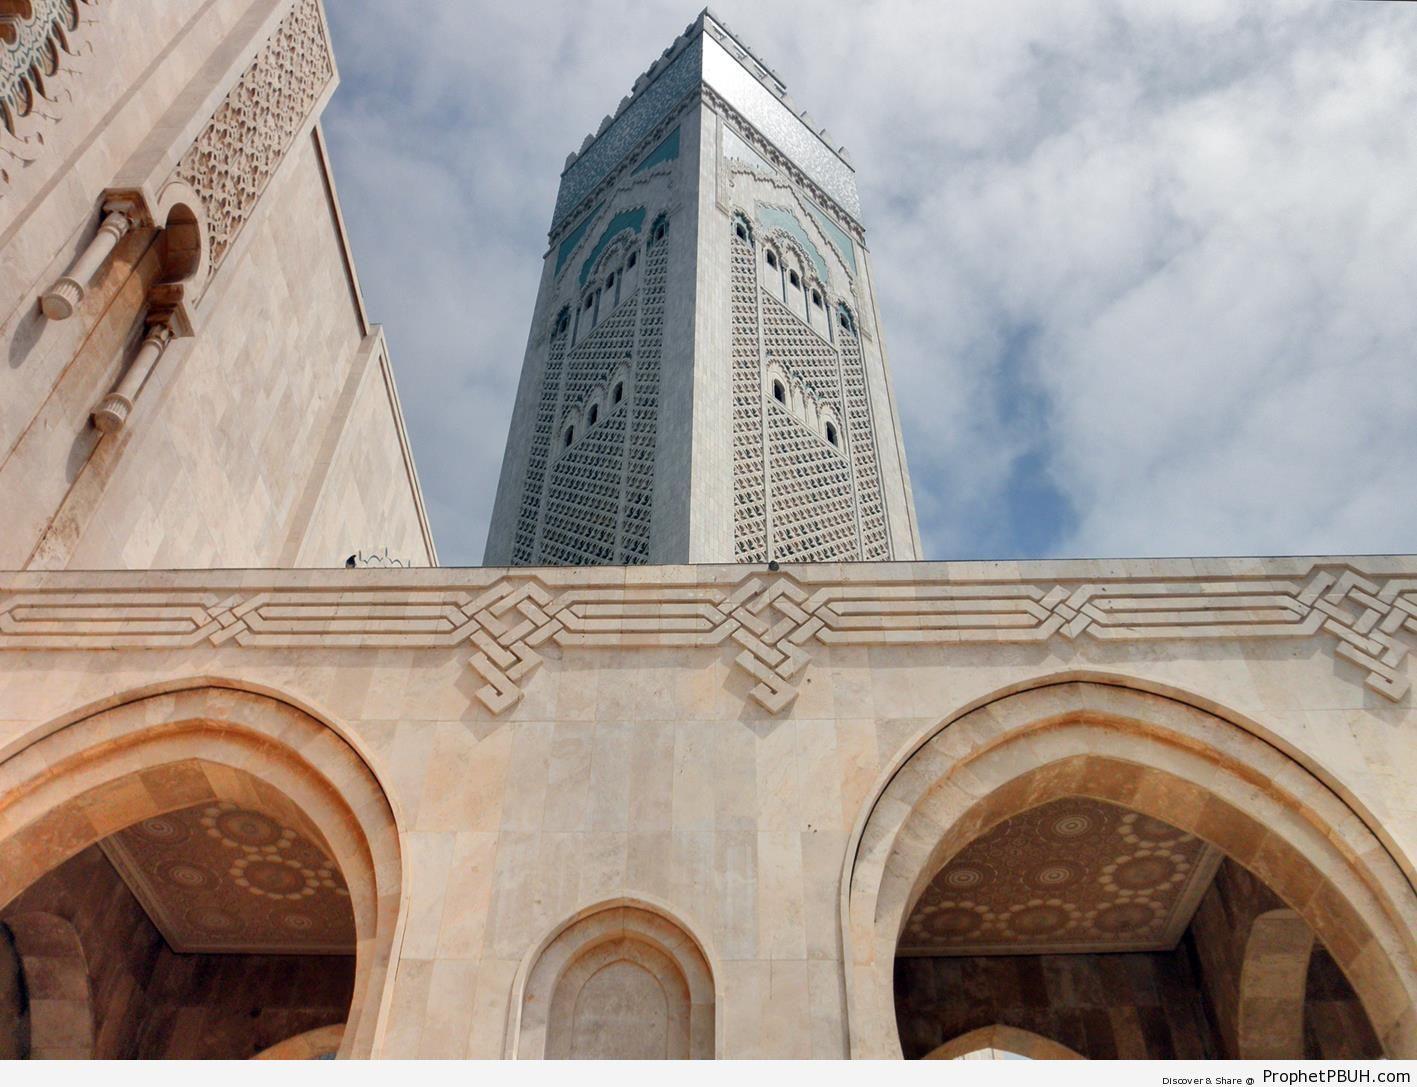 Square Minaret of Hassan II Mosque in Casablanca, Morocco - Casablanca, Morocco -Picture